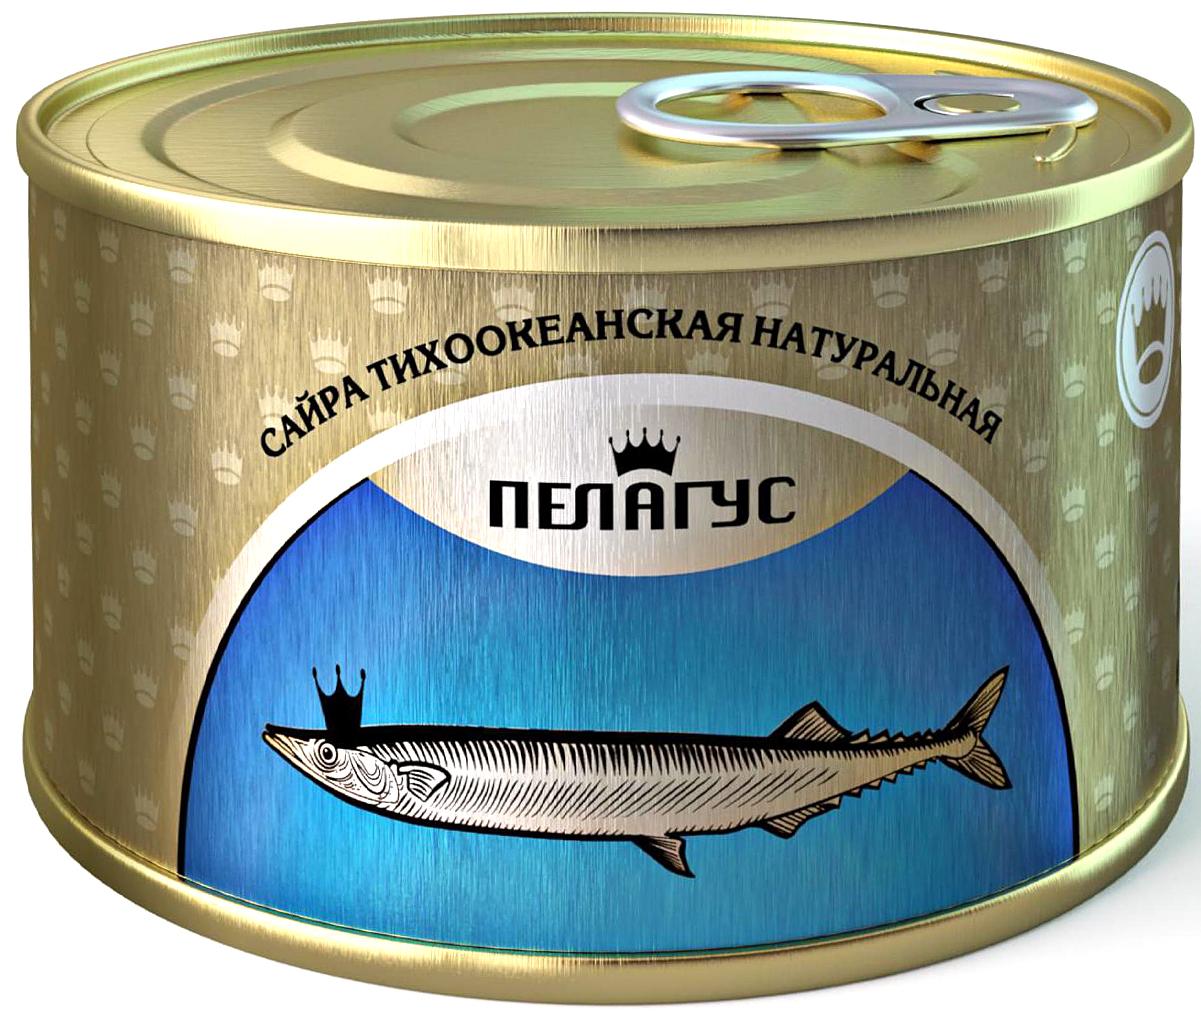 Пелагус сайра тихоокеанская натуральная с добавлением масла №5, 230 г4627098460118